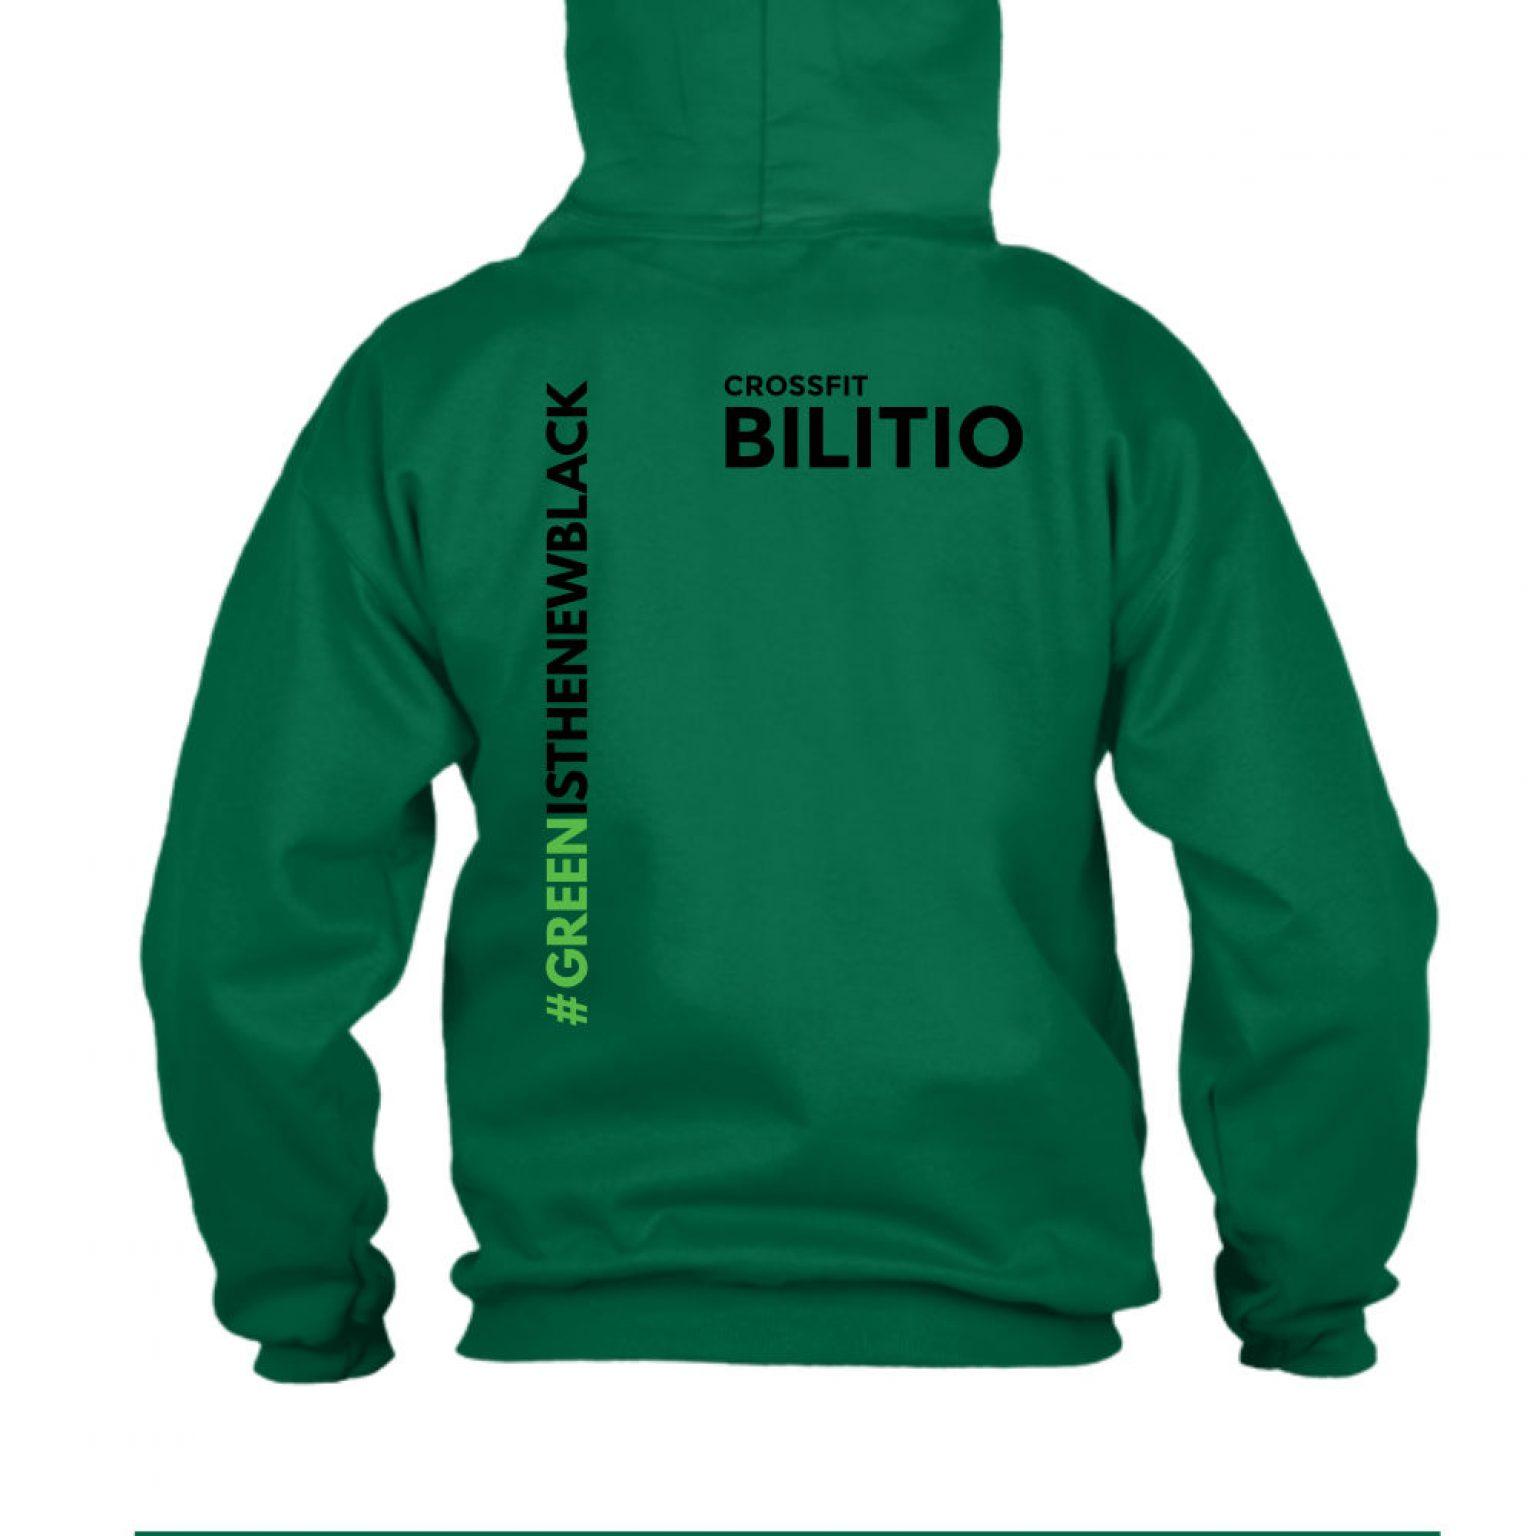 CFB hoodie herren green back